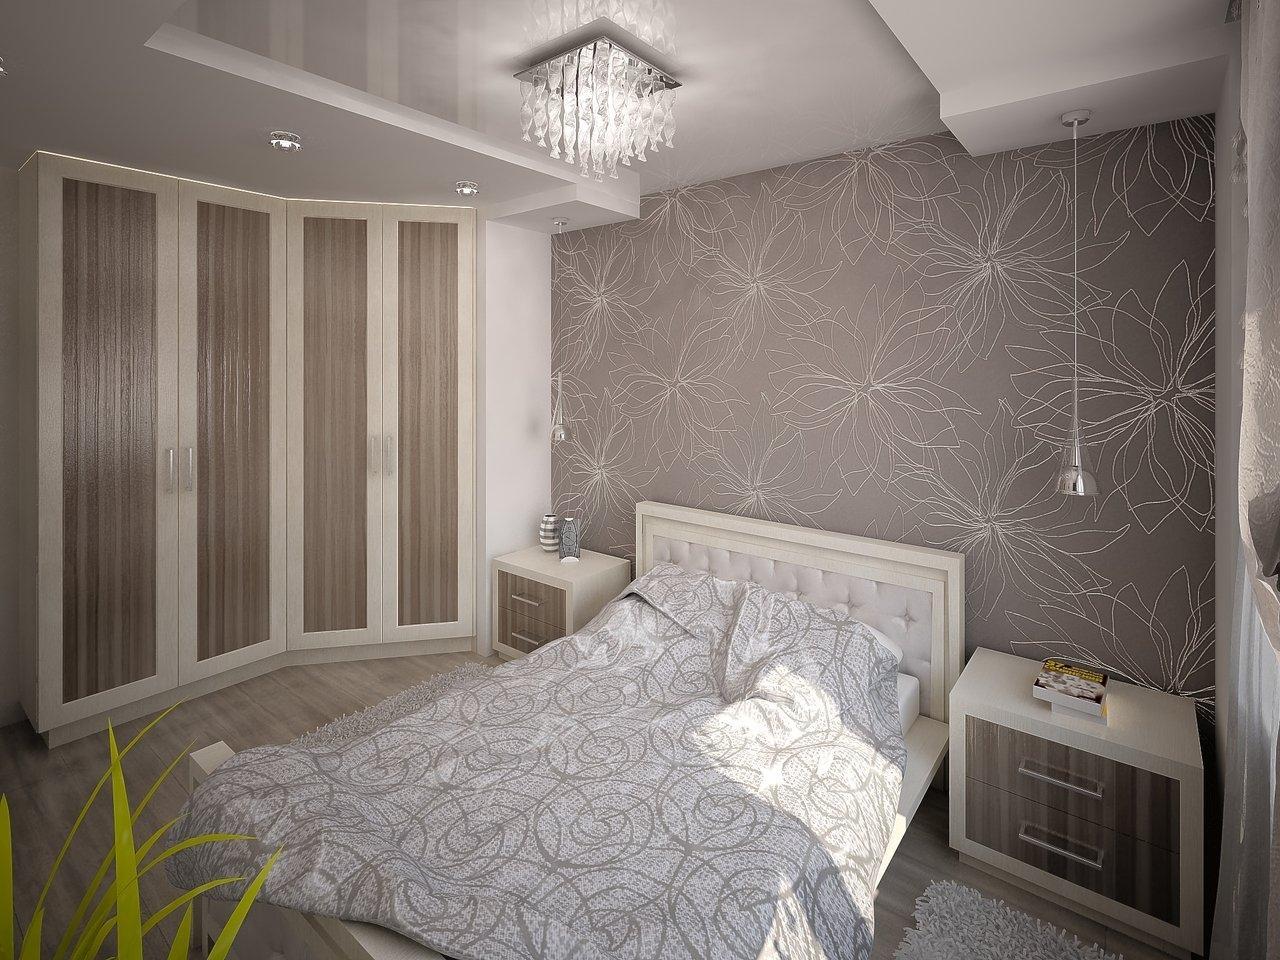 идеи для ремонта спальни фото сберегающее пространство